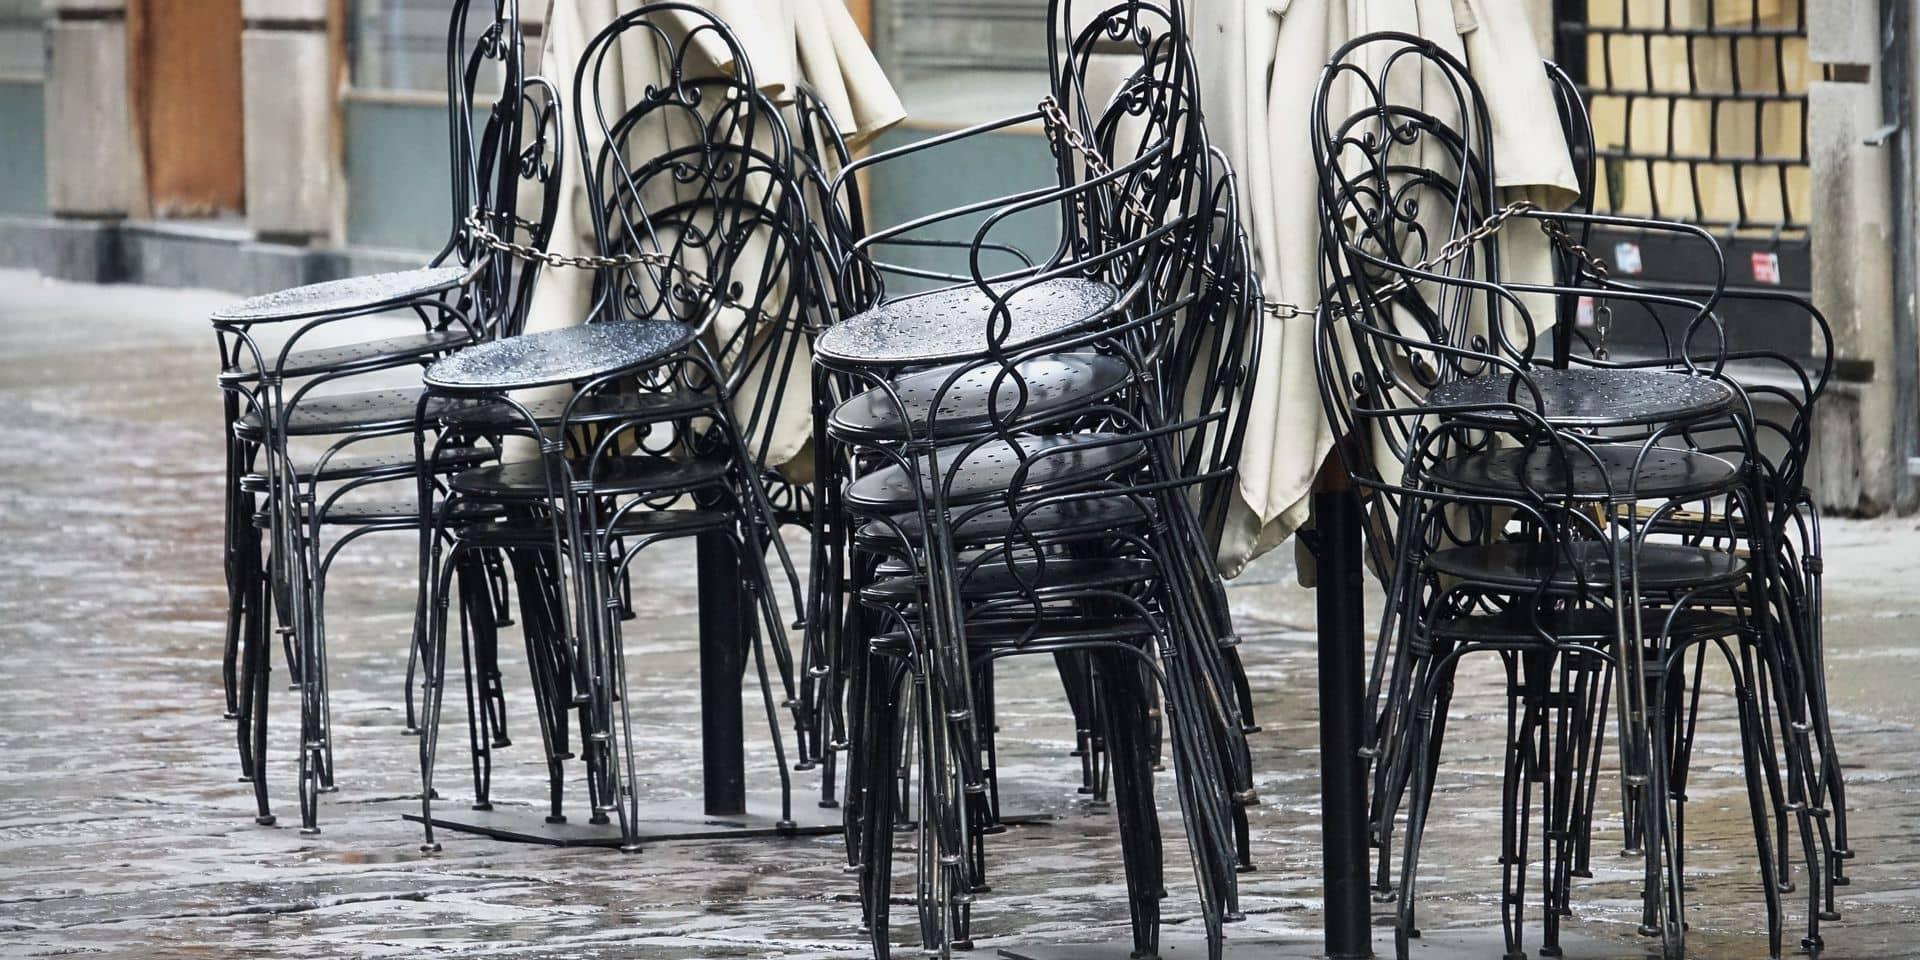 Les dégâts économiques plus importants en Belgique qu'aux Pays-Bas lors de la 1ère vague